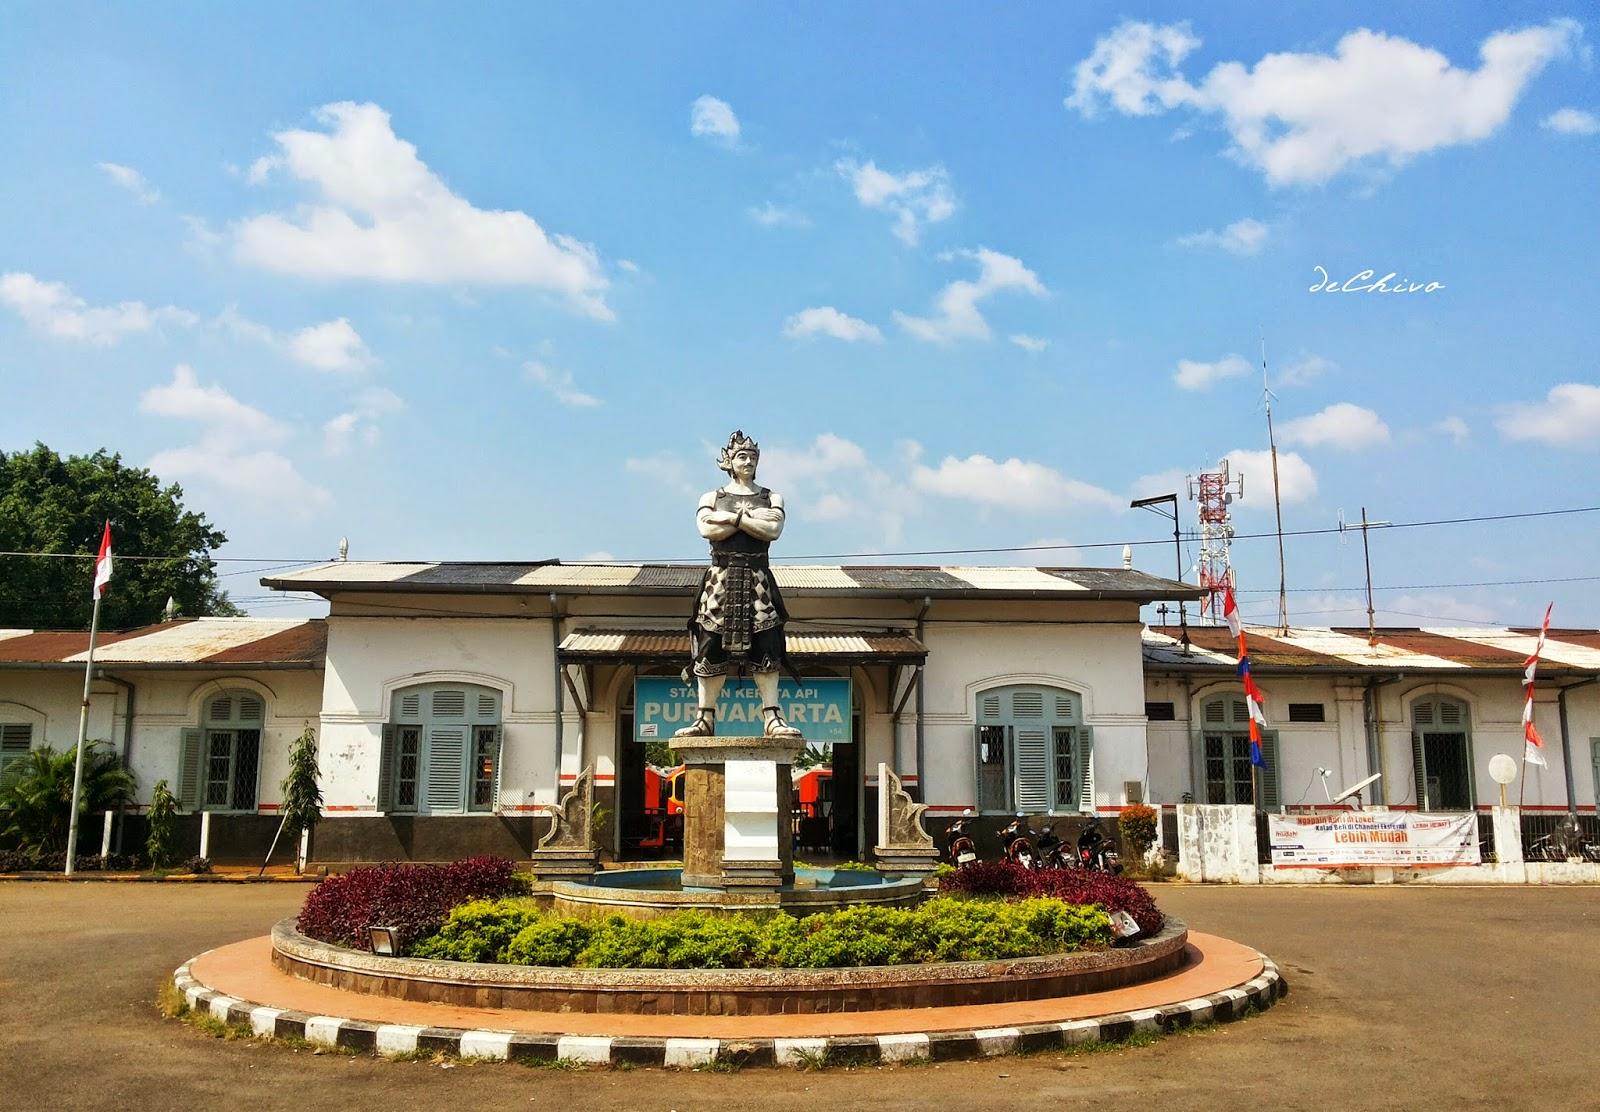 Stasiun_Kereta Api_Purwakarta